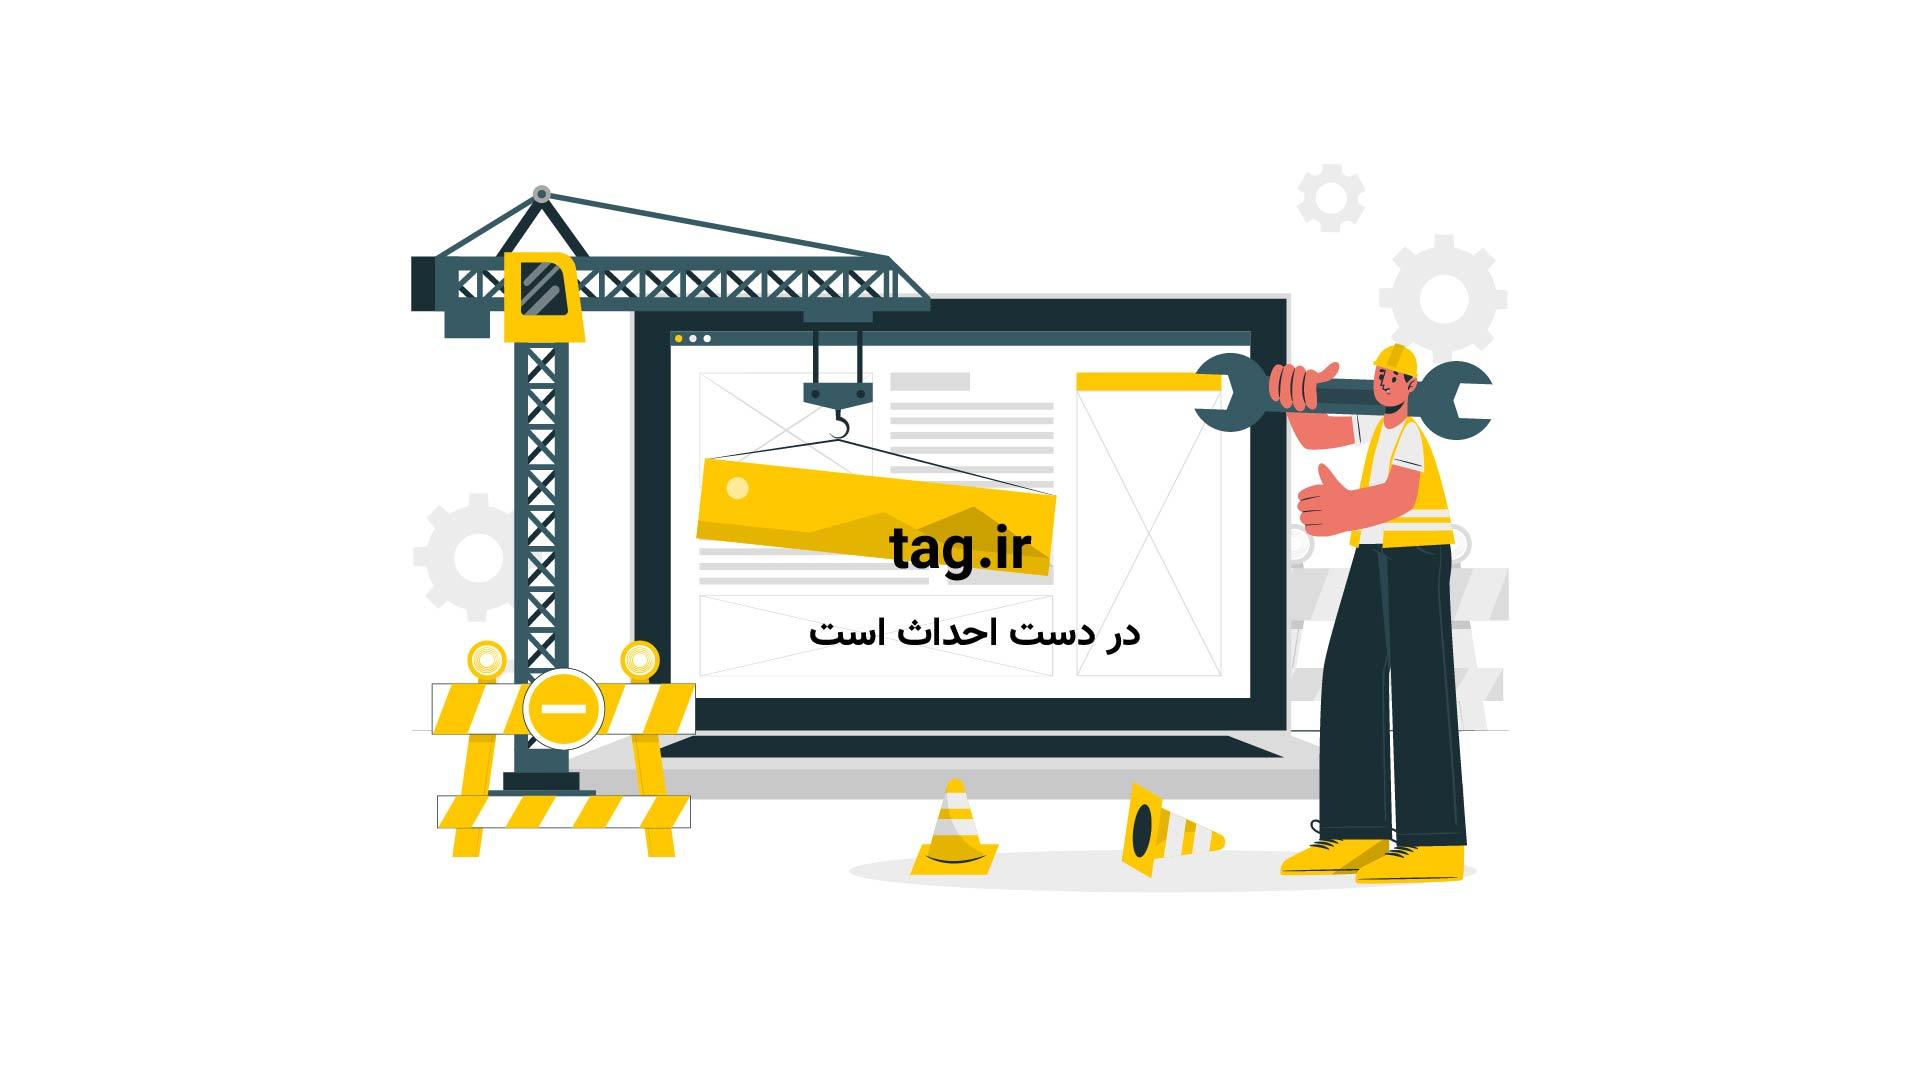 ۱۰ تیک آف برتر هواپیماهای دنیا که ثبت شدهاند   فیلم